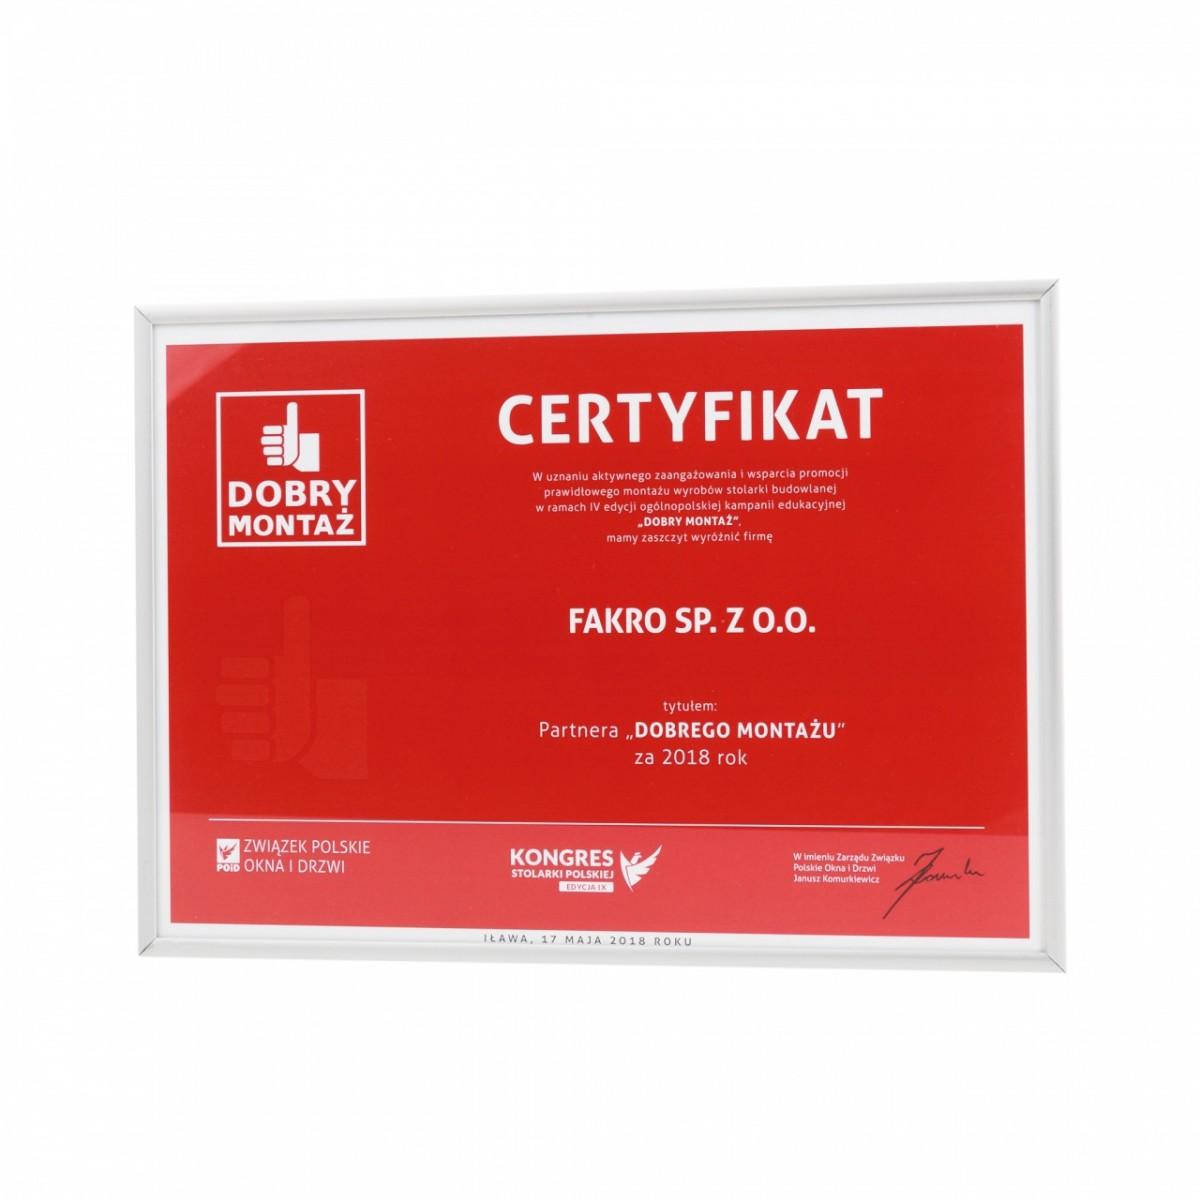 Certyfikat dla FAKRO